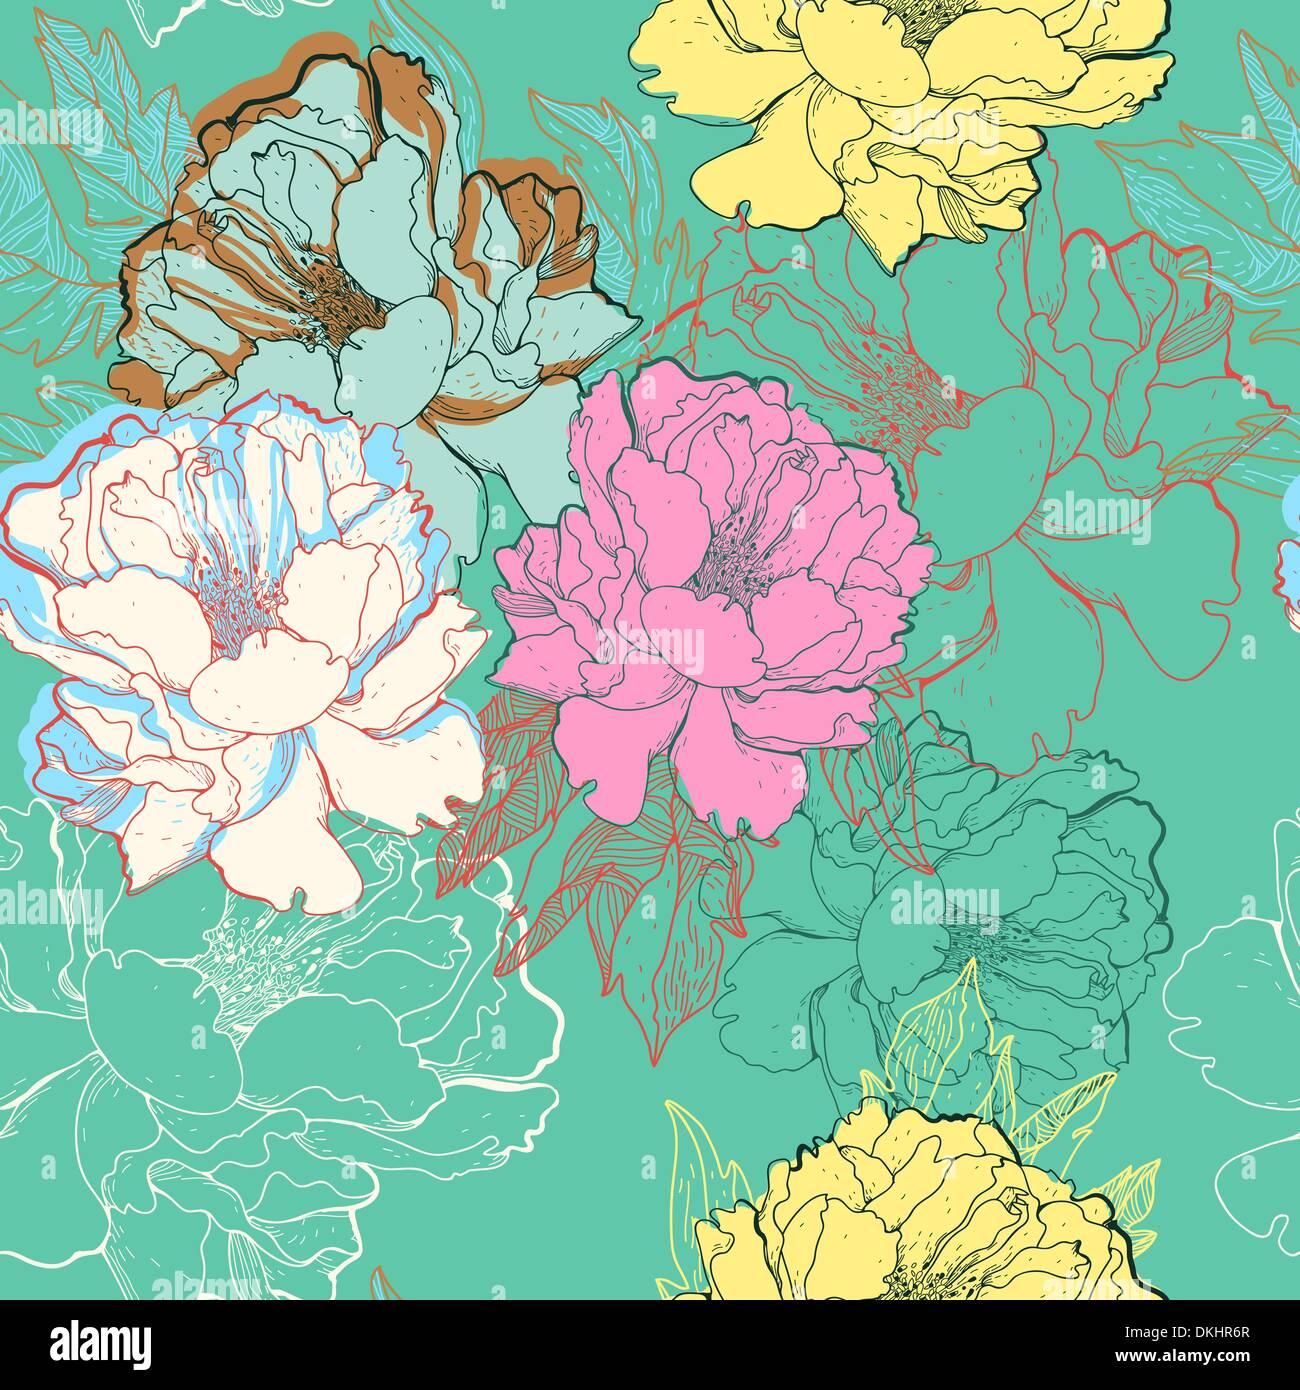 Vetor padrão sem costura floral com resumo blooming Roses Imagens de Stock